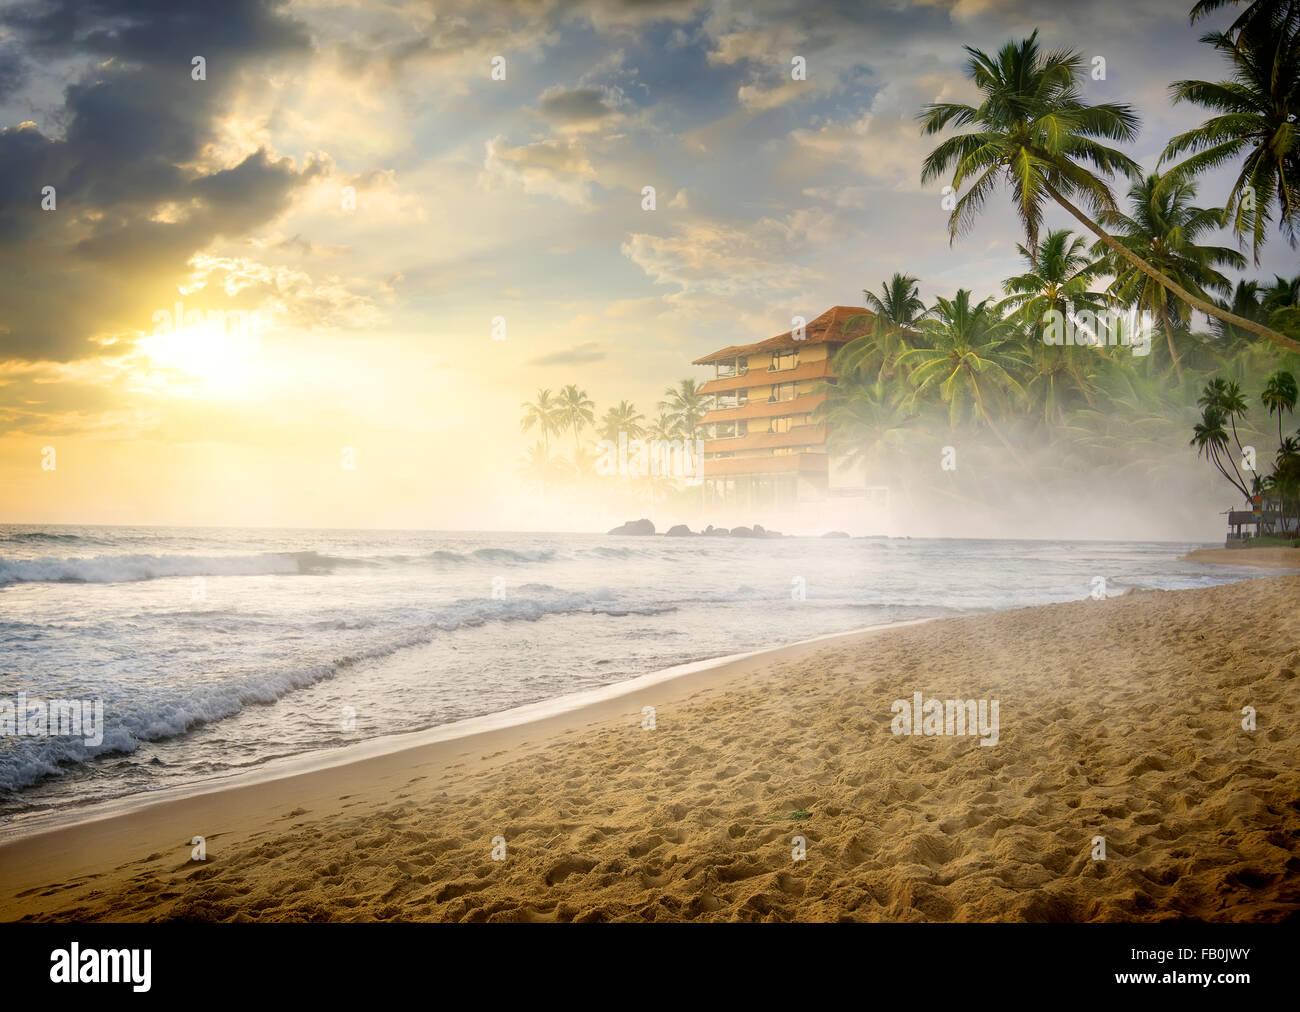 Matin brouillard sur plage de sable de l'océan Photo Stock